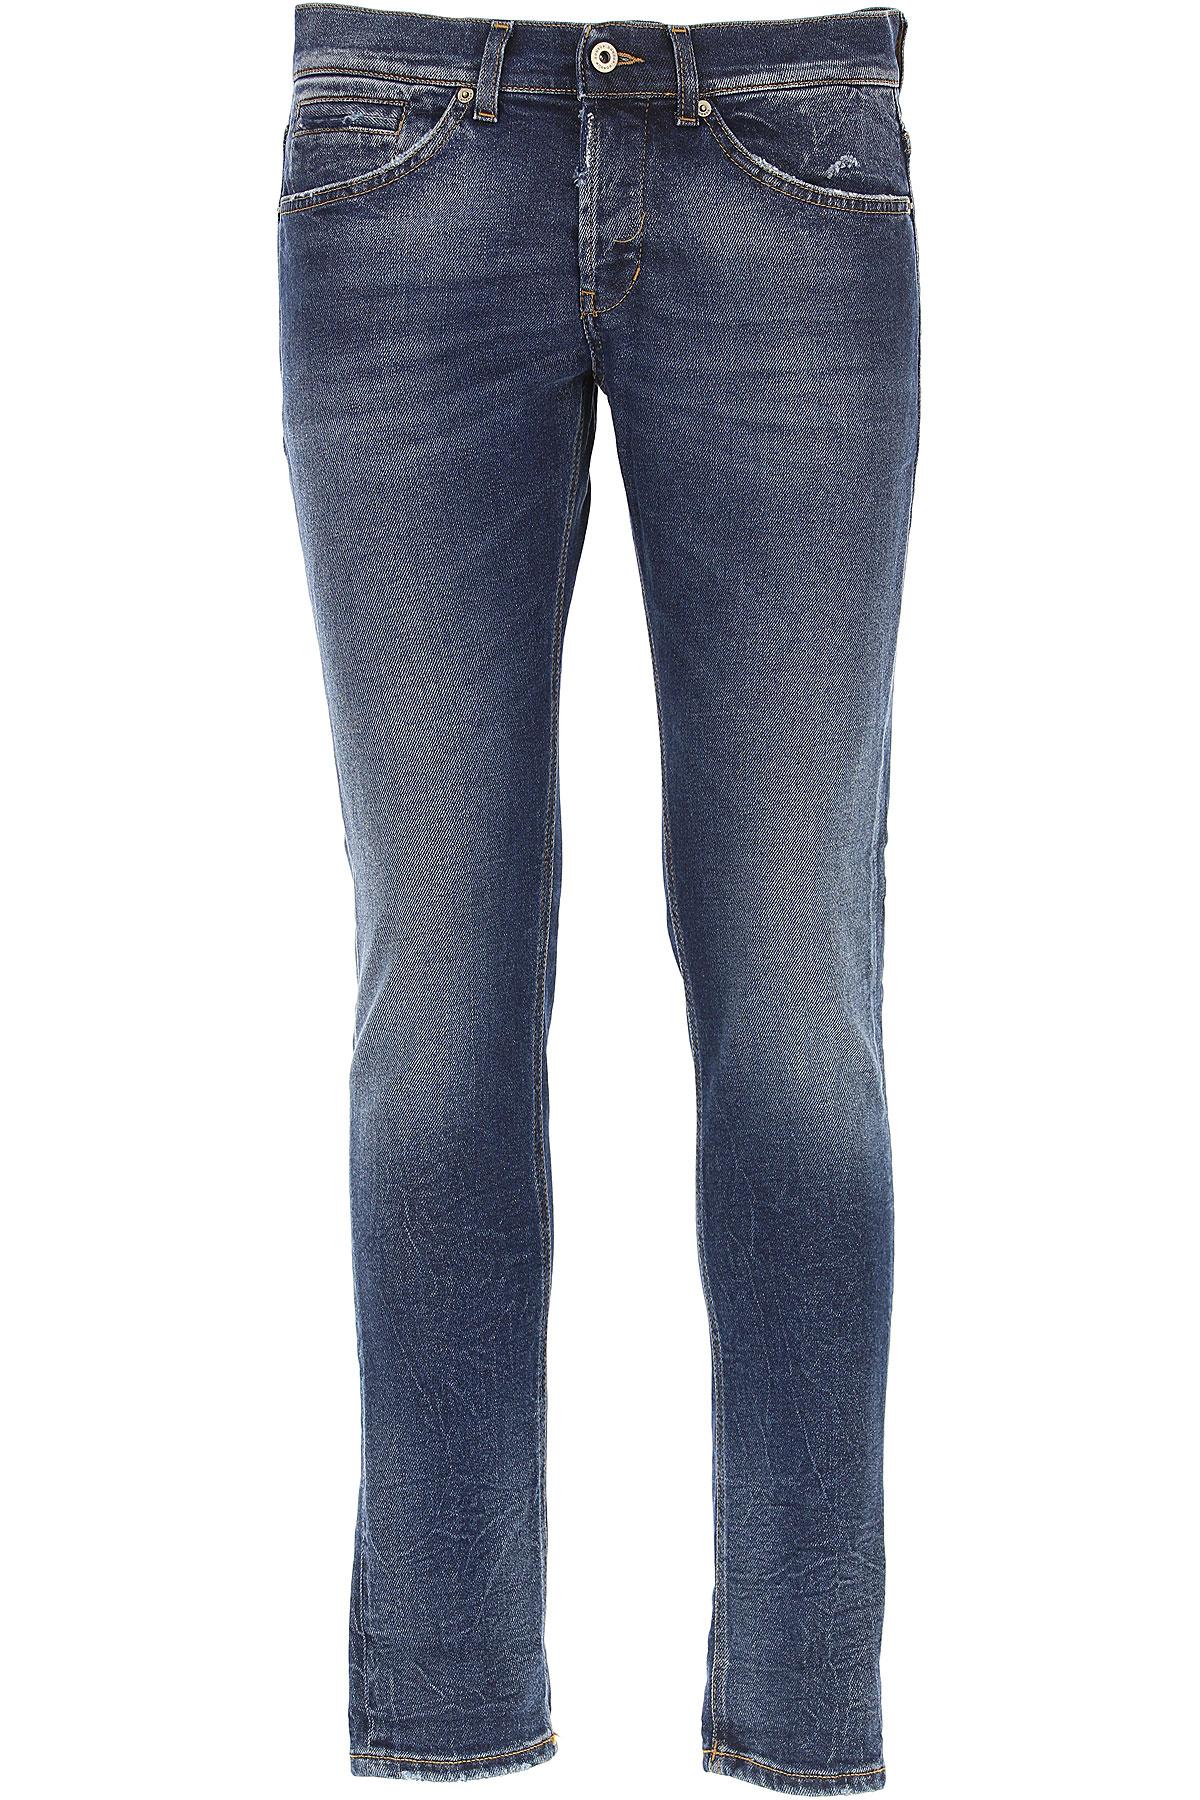 Dondup Jeans On Sale, Denim Blue, Cotton, 2017, 30 31 32 33 34 38